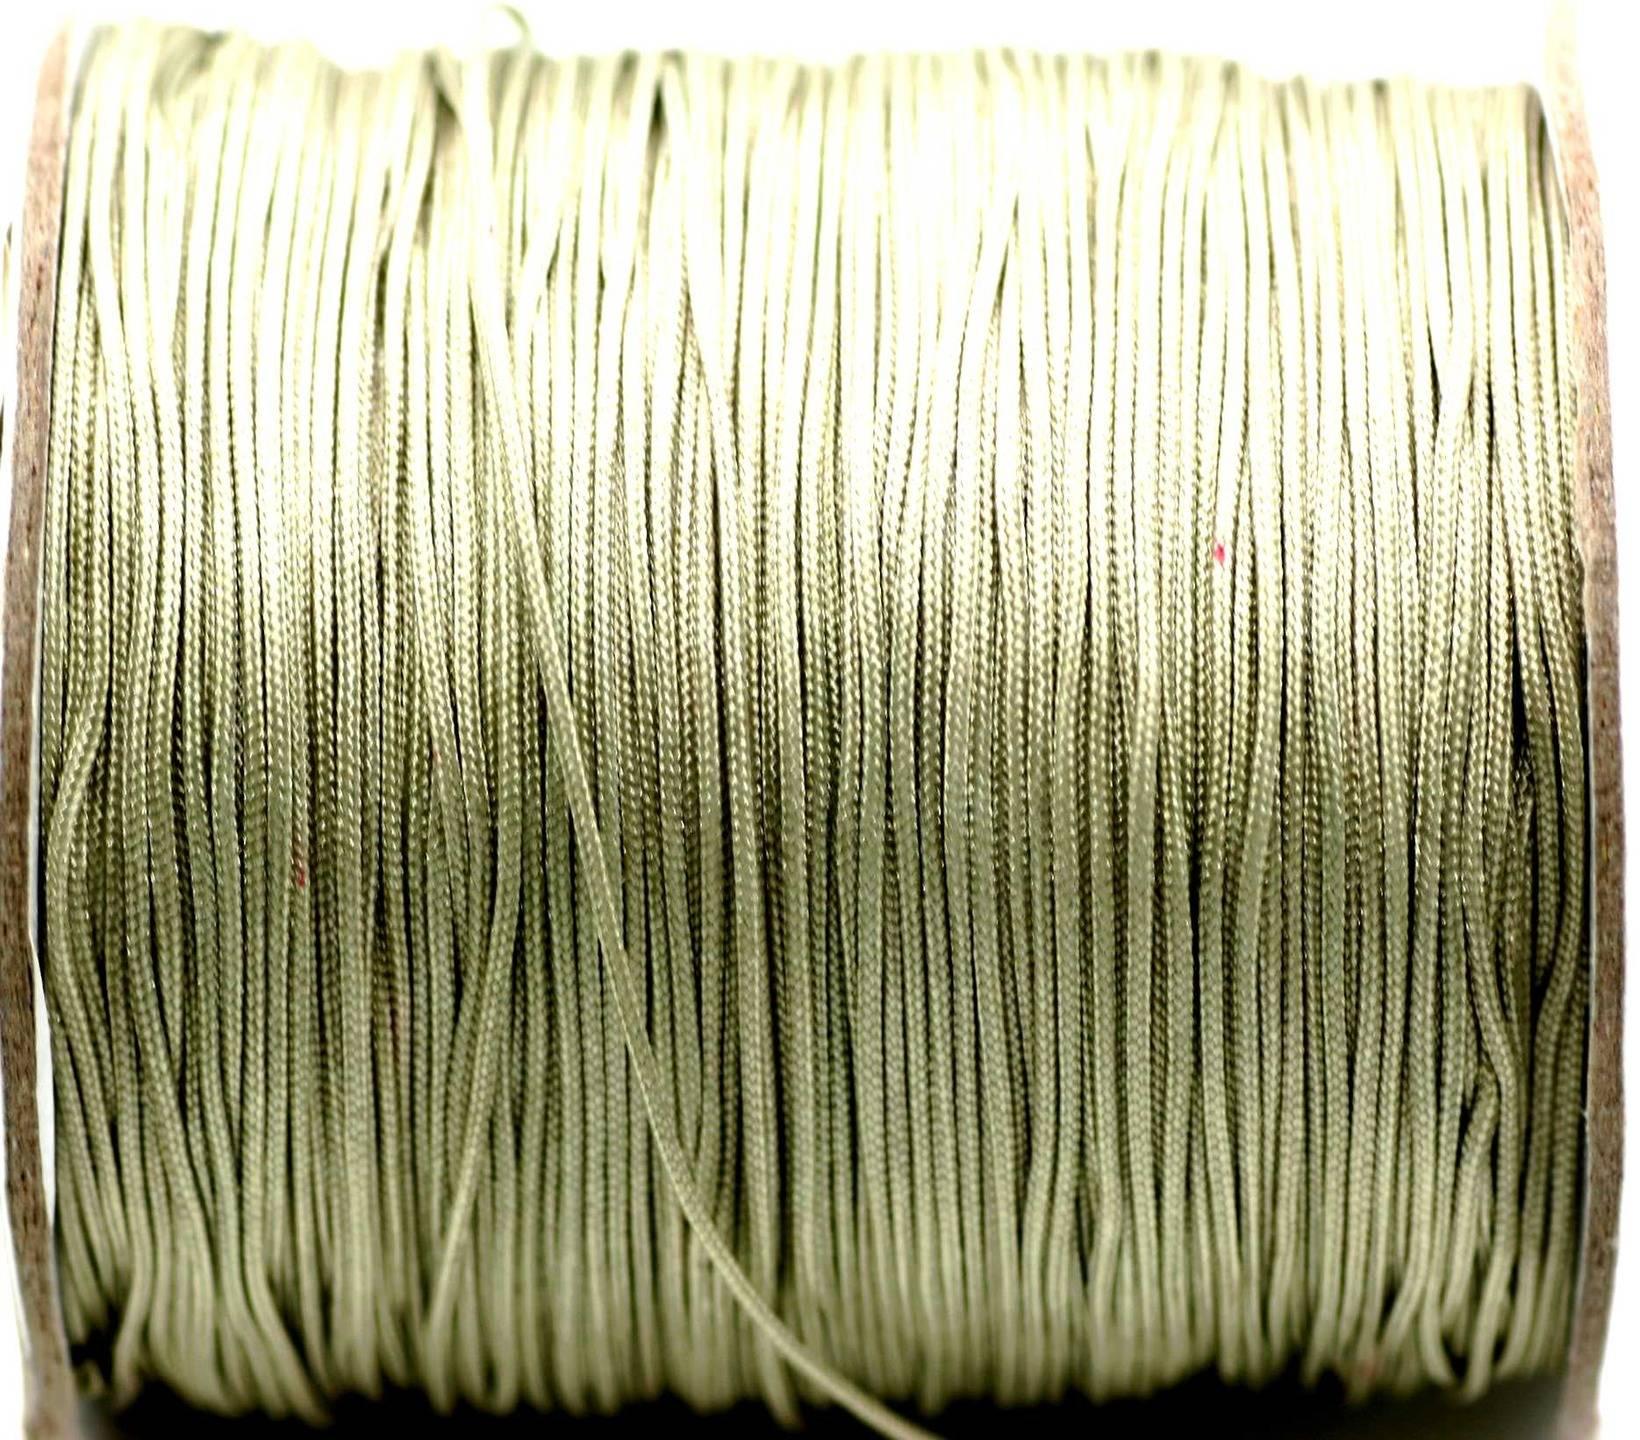 Fil nylon kaki clair 0,8 mm  x 3 m